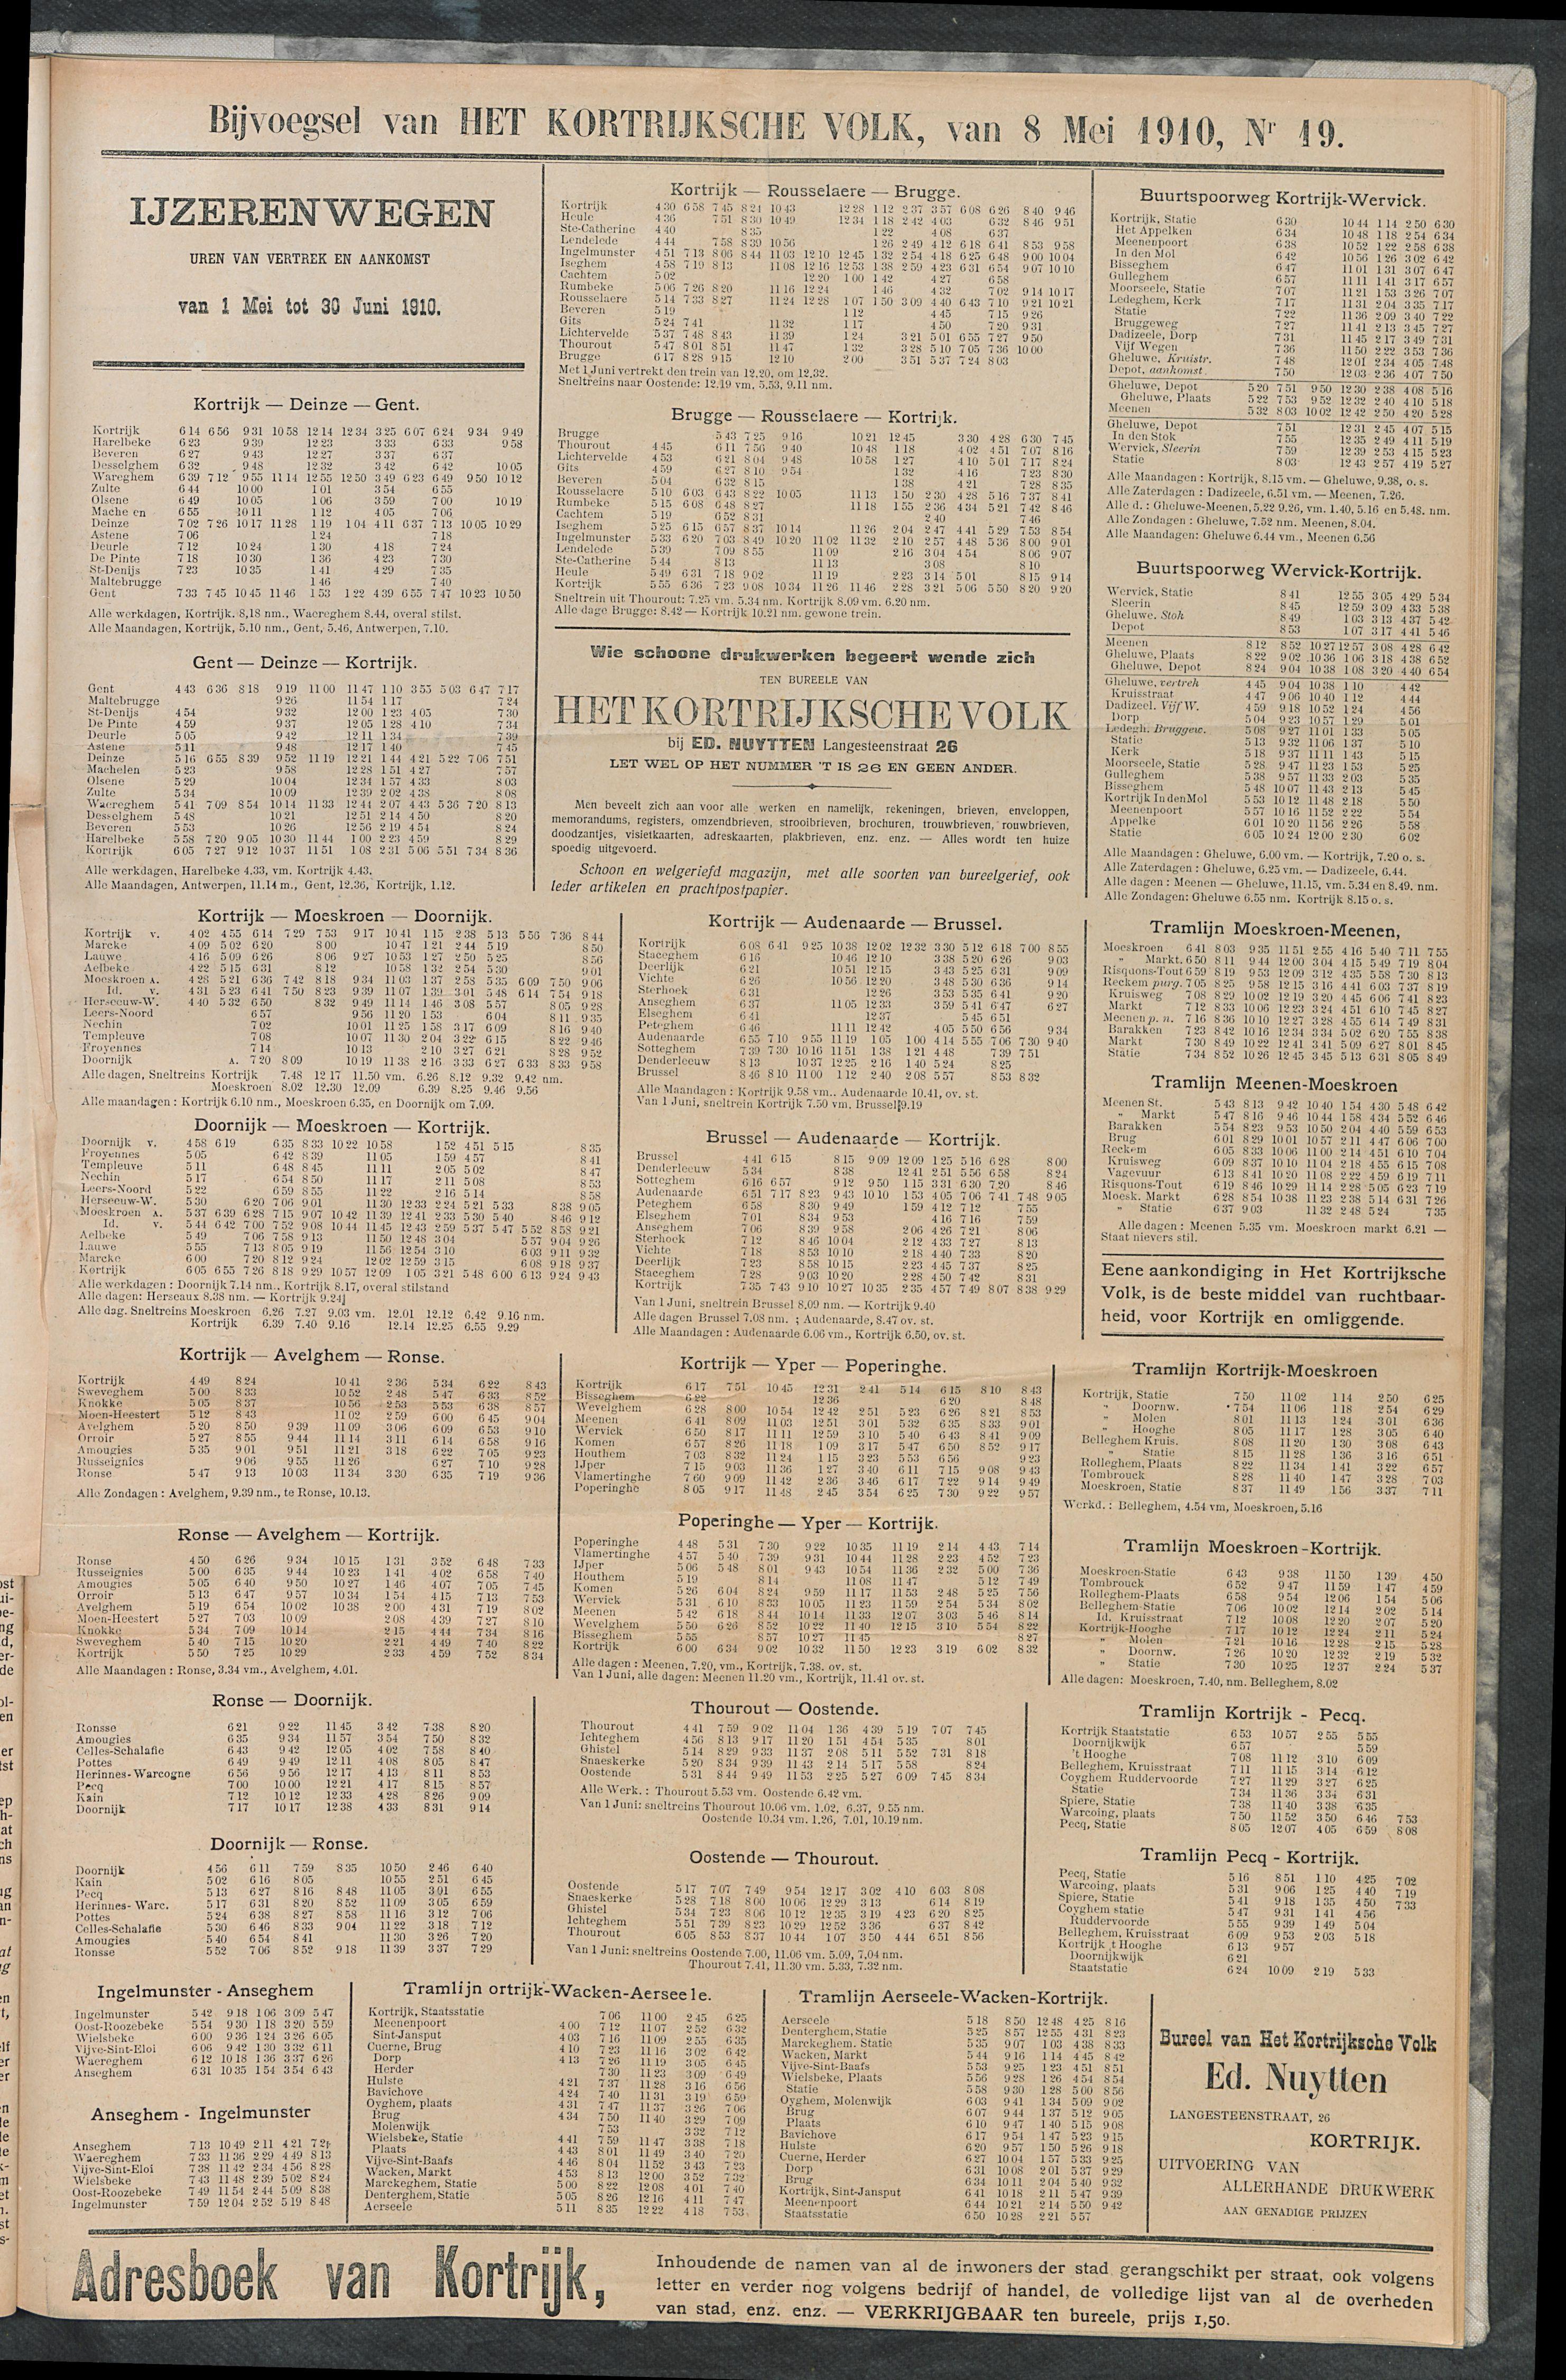 Het Kortrijksche Volk 1910-05-08 p5